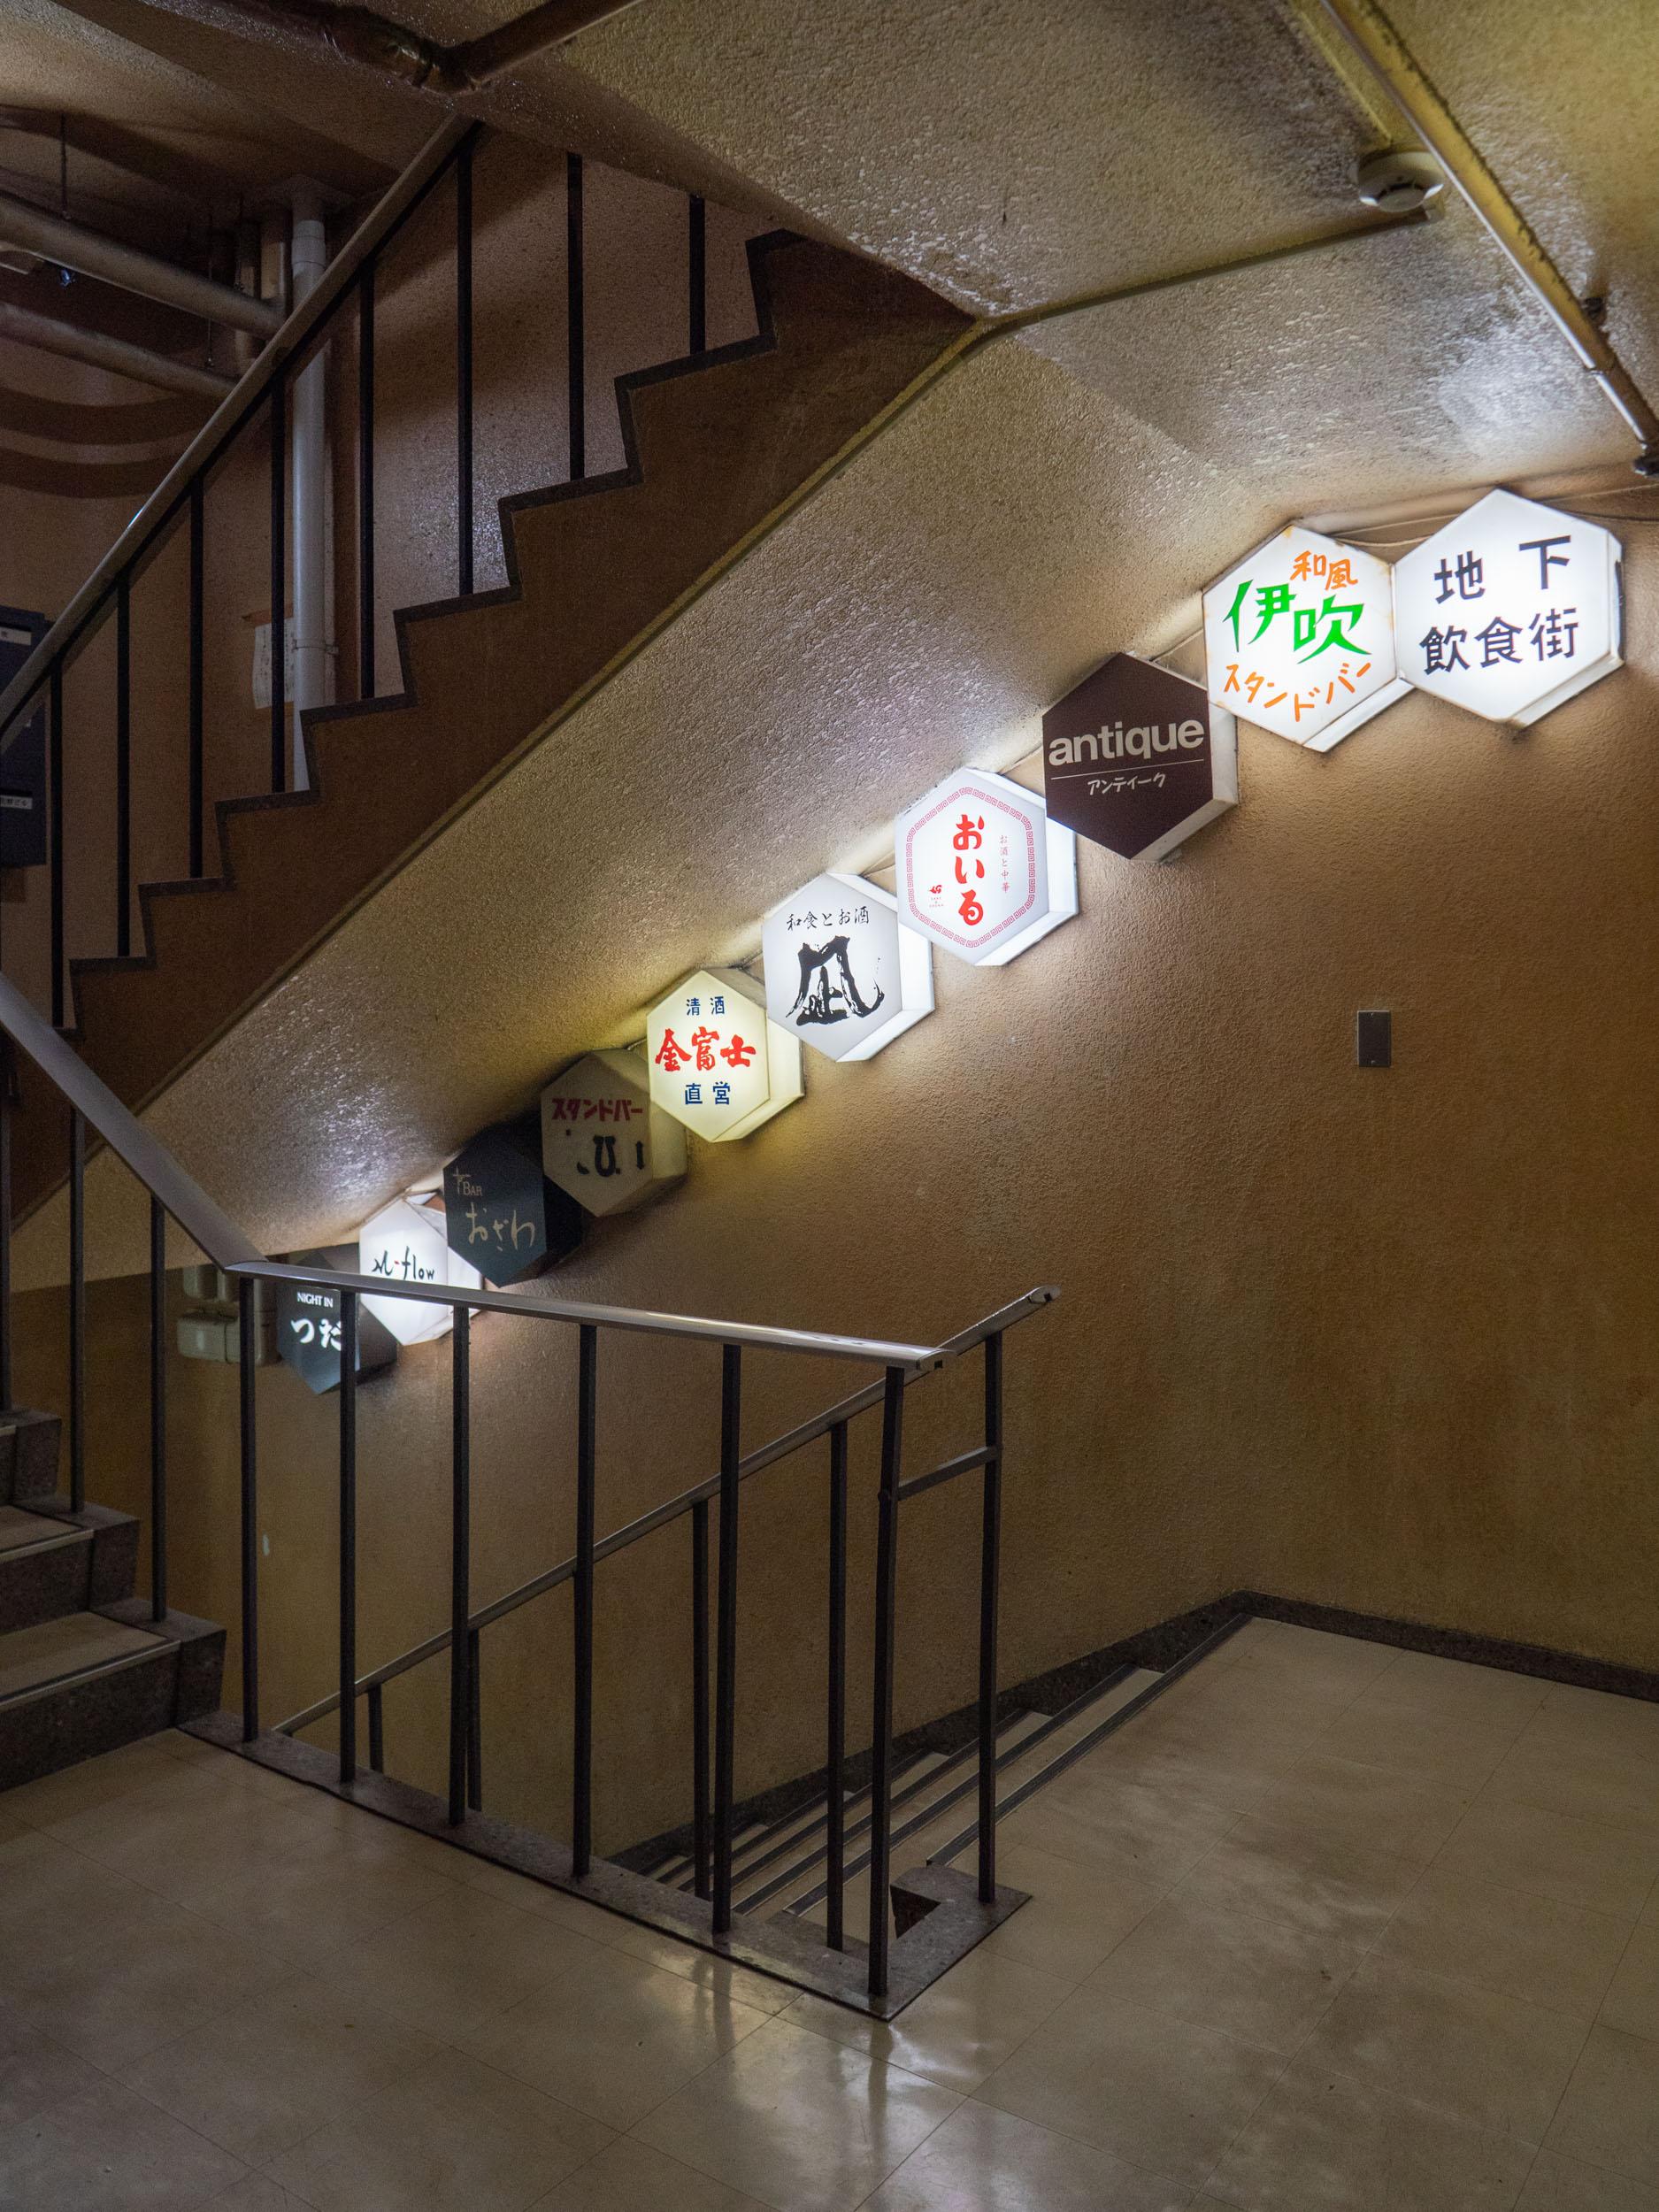 やき鳥金富士に続く階段 DMC-GX8 + LEICA DG 12-60mm